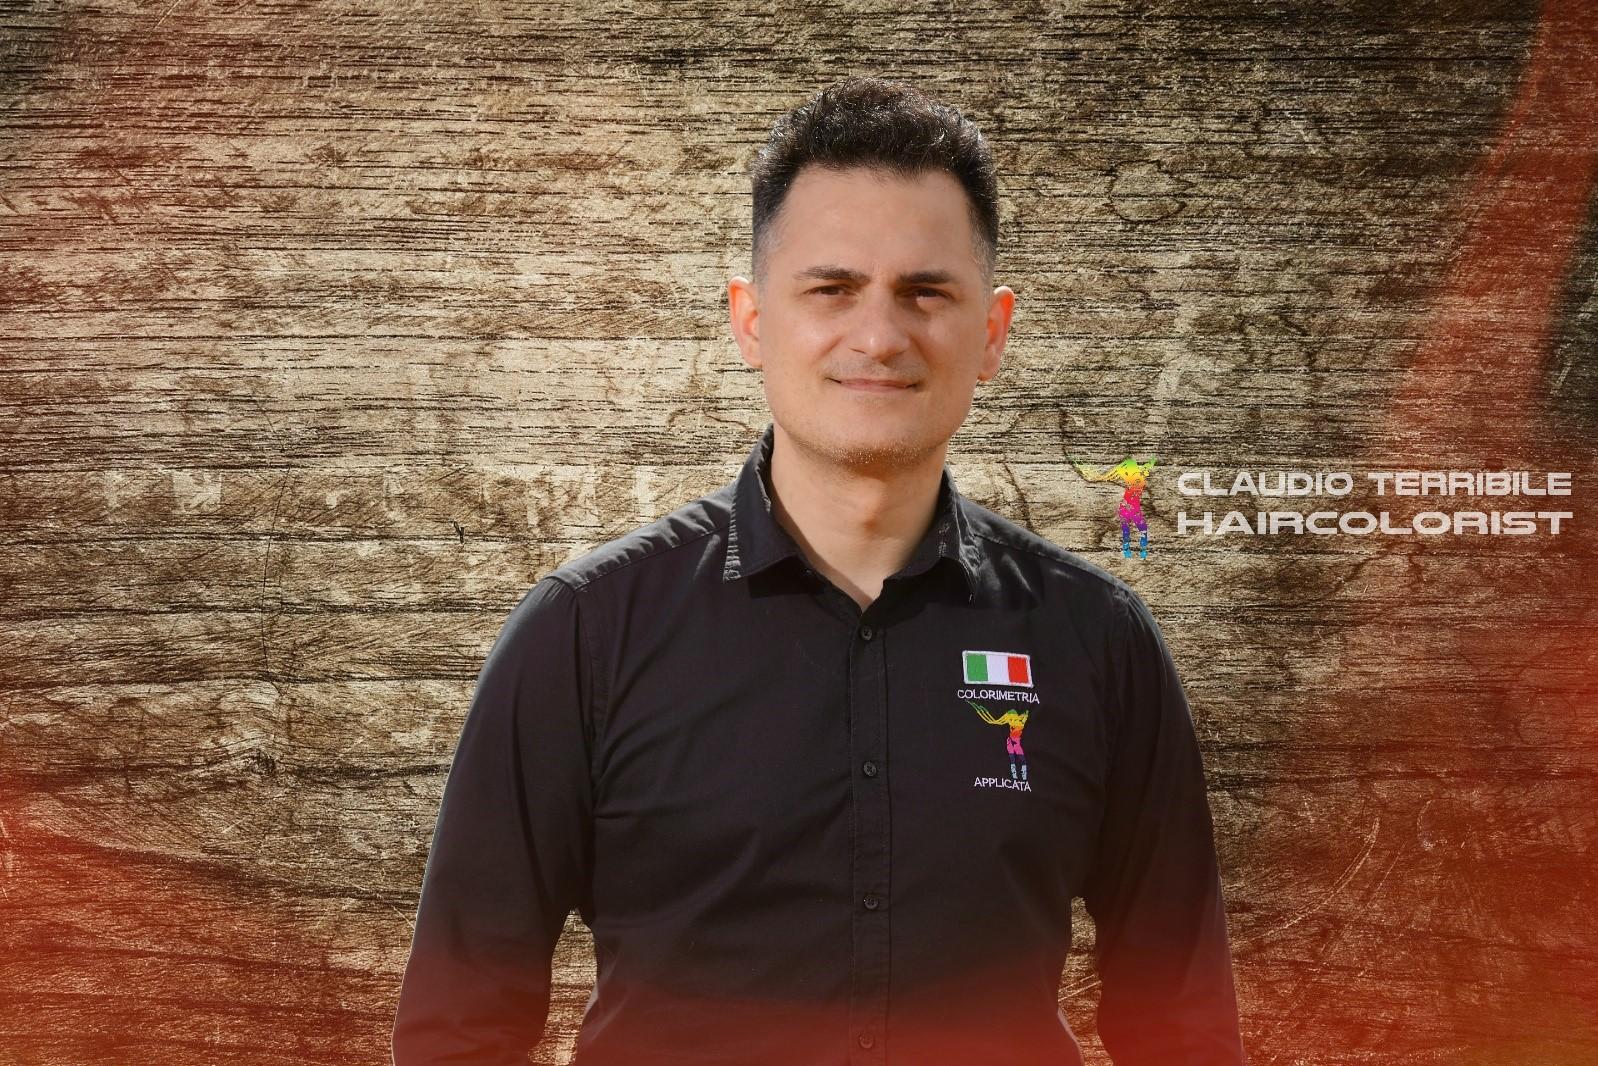 Claudio Terribile